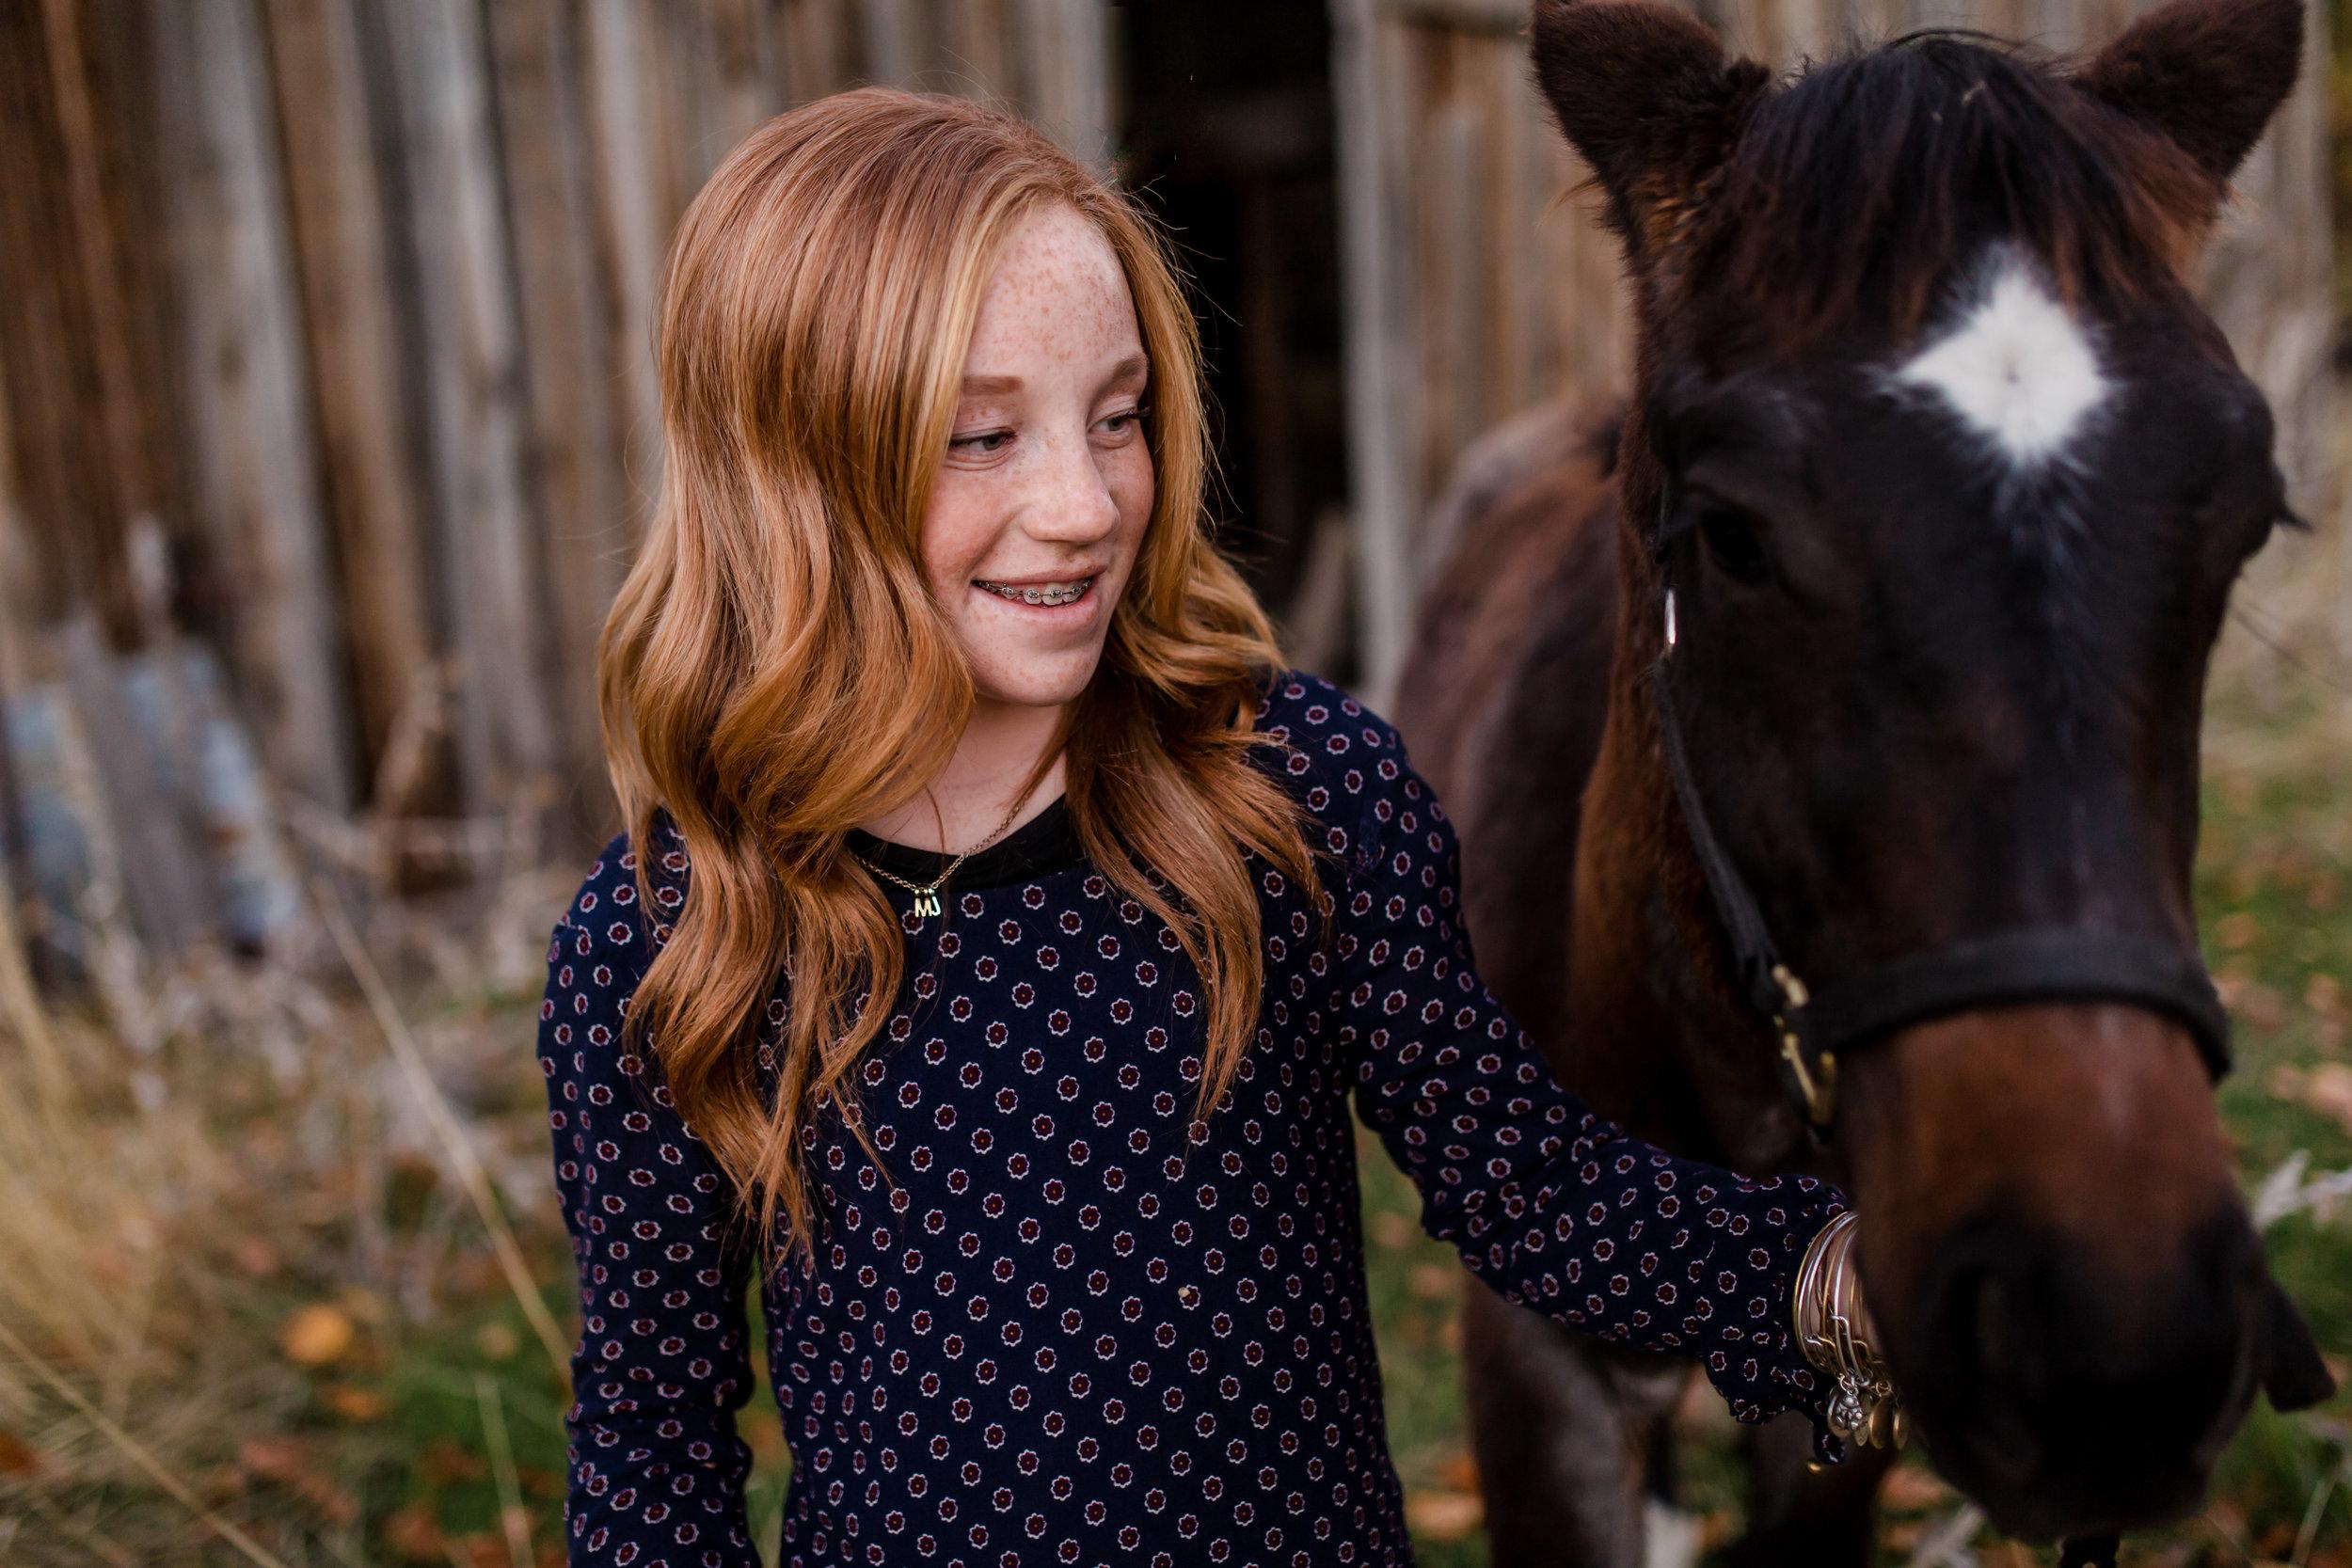 Logan Utah Senior Photographer Maycie Jensen-7528.jpg